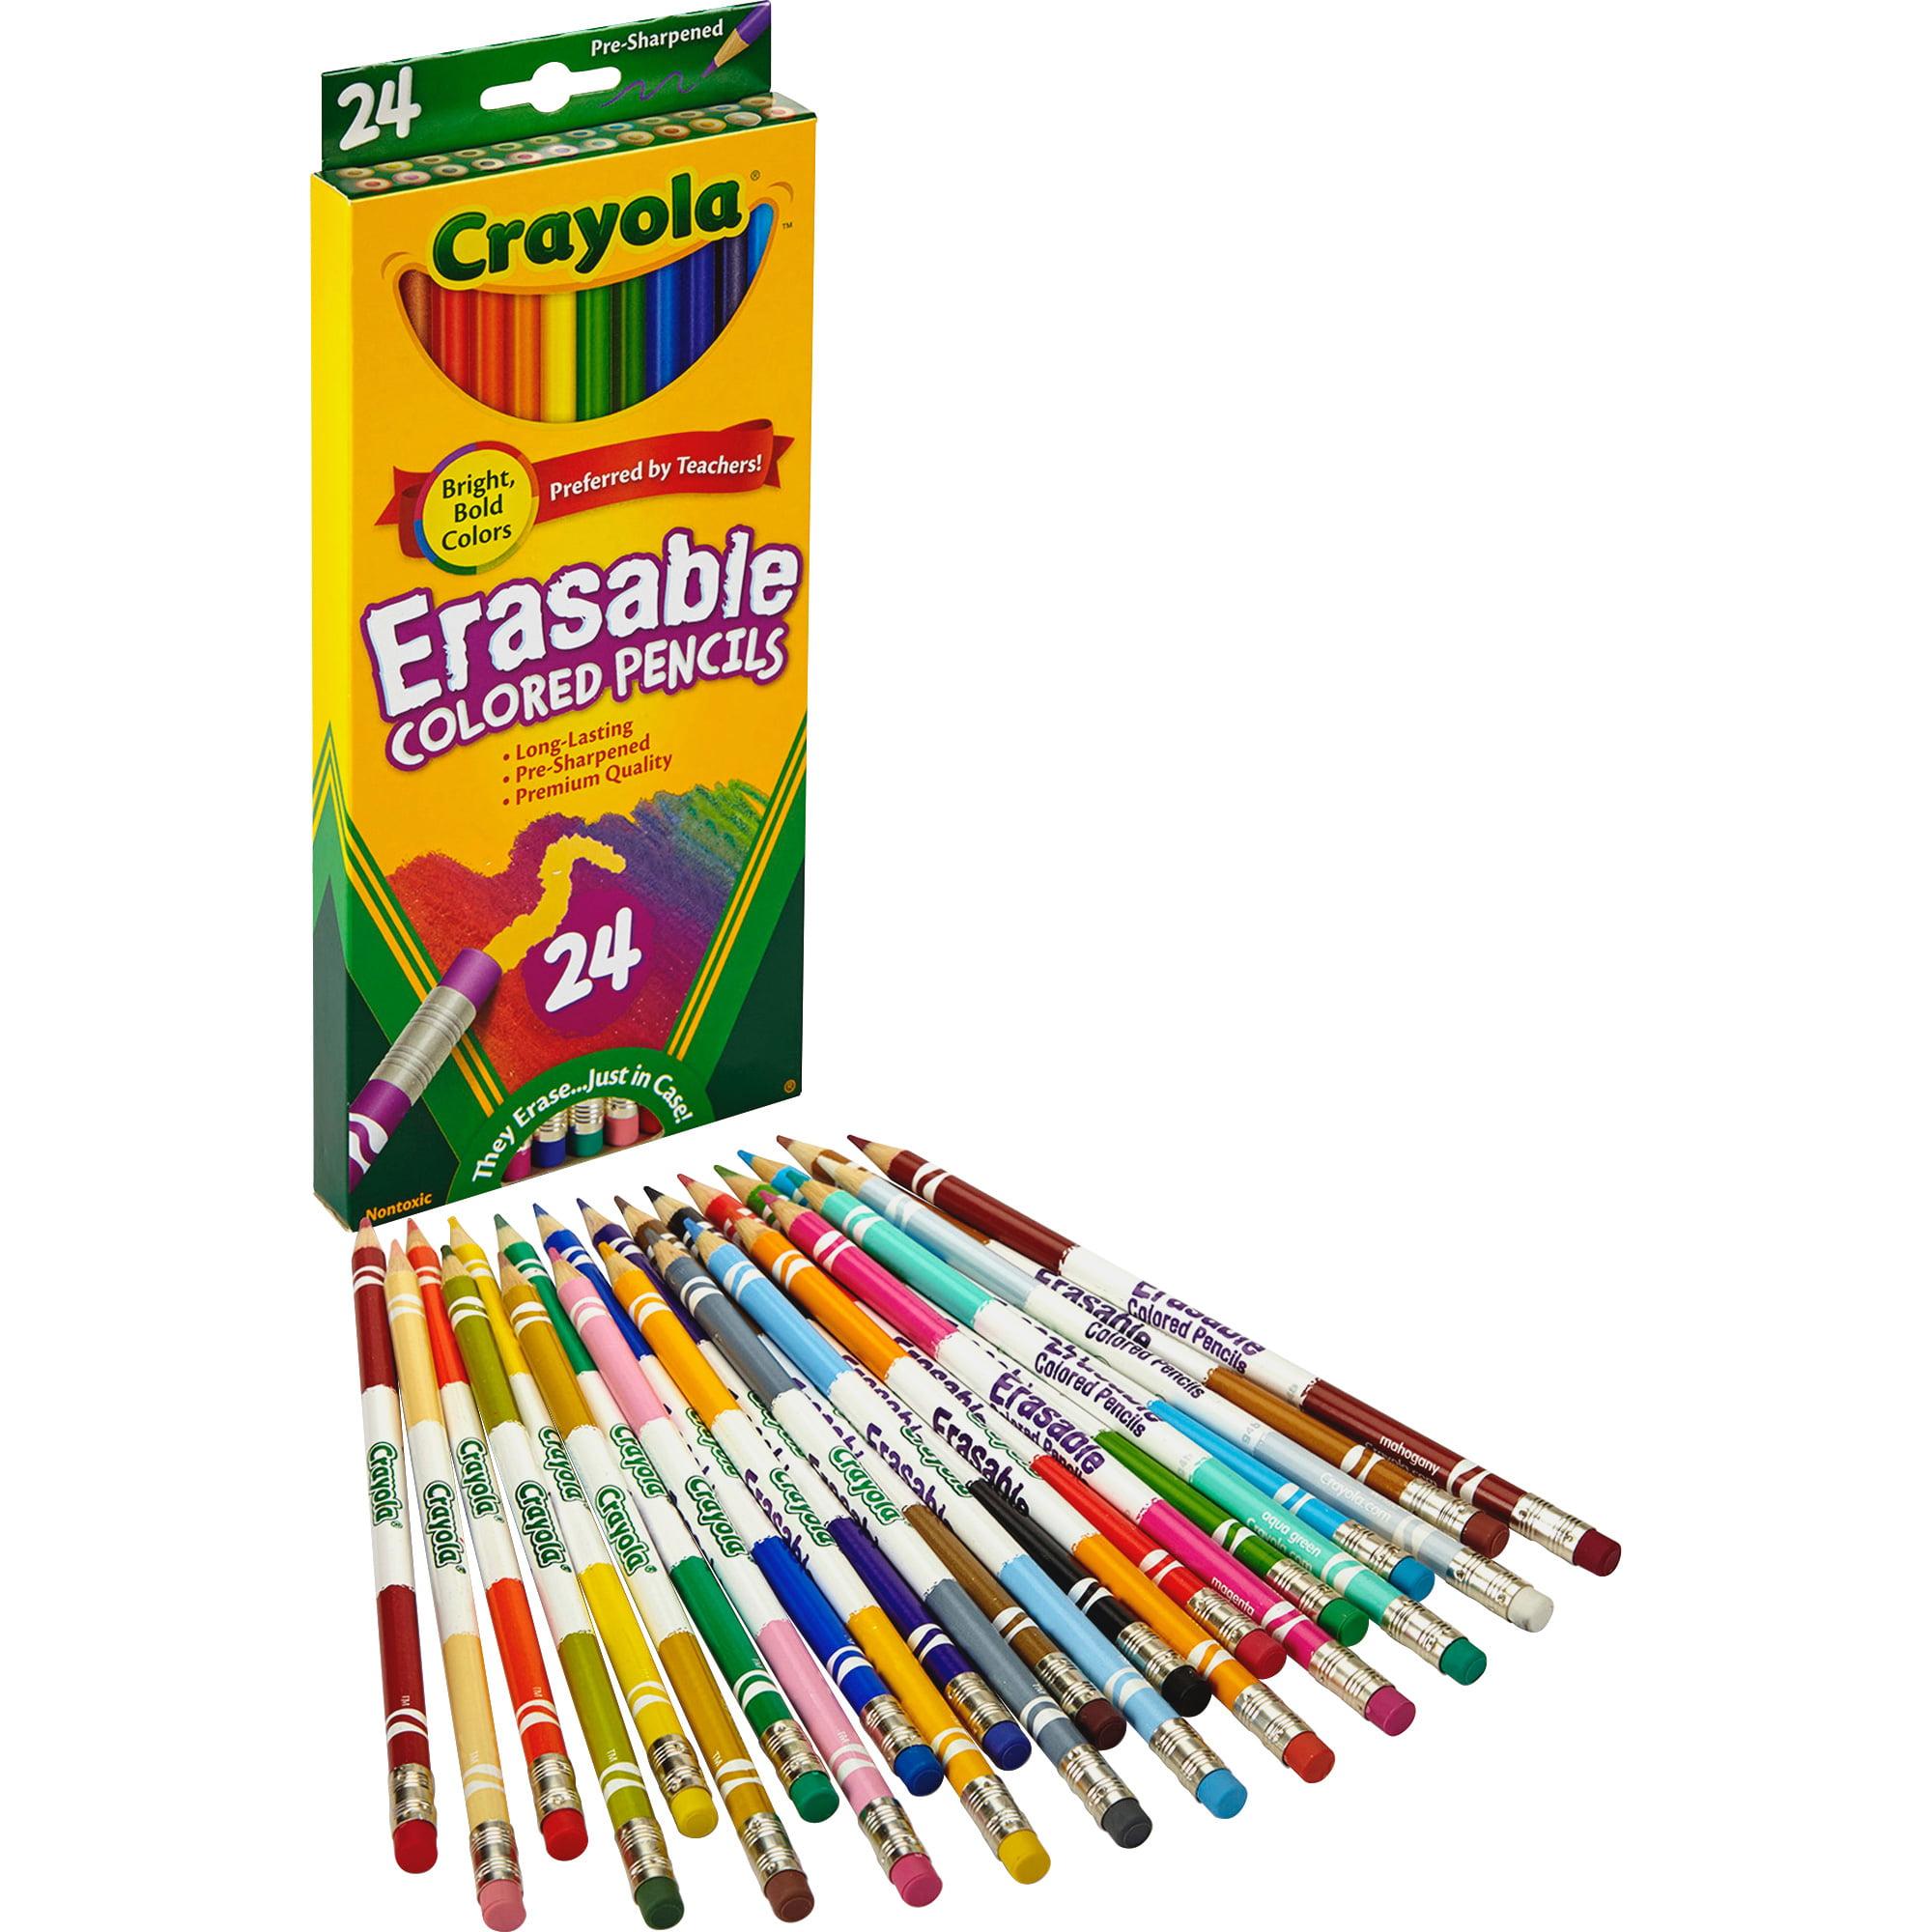 Crayola Eraseable Colored Pencils, 24 Count by Crayola